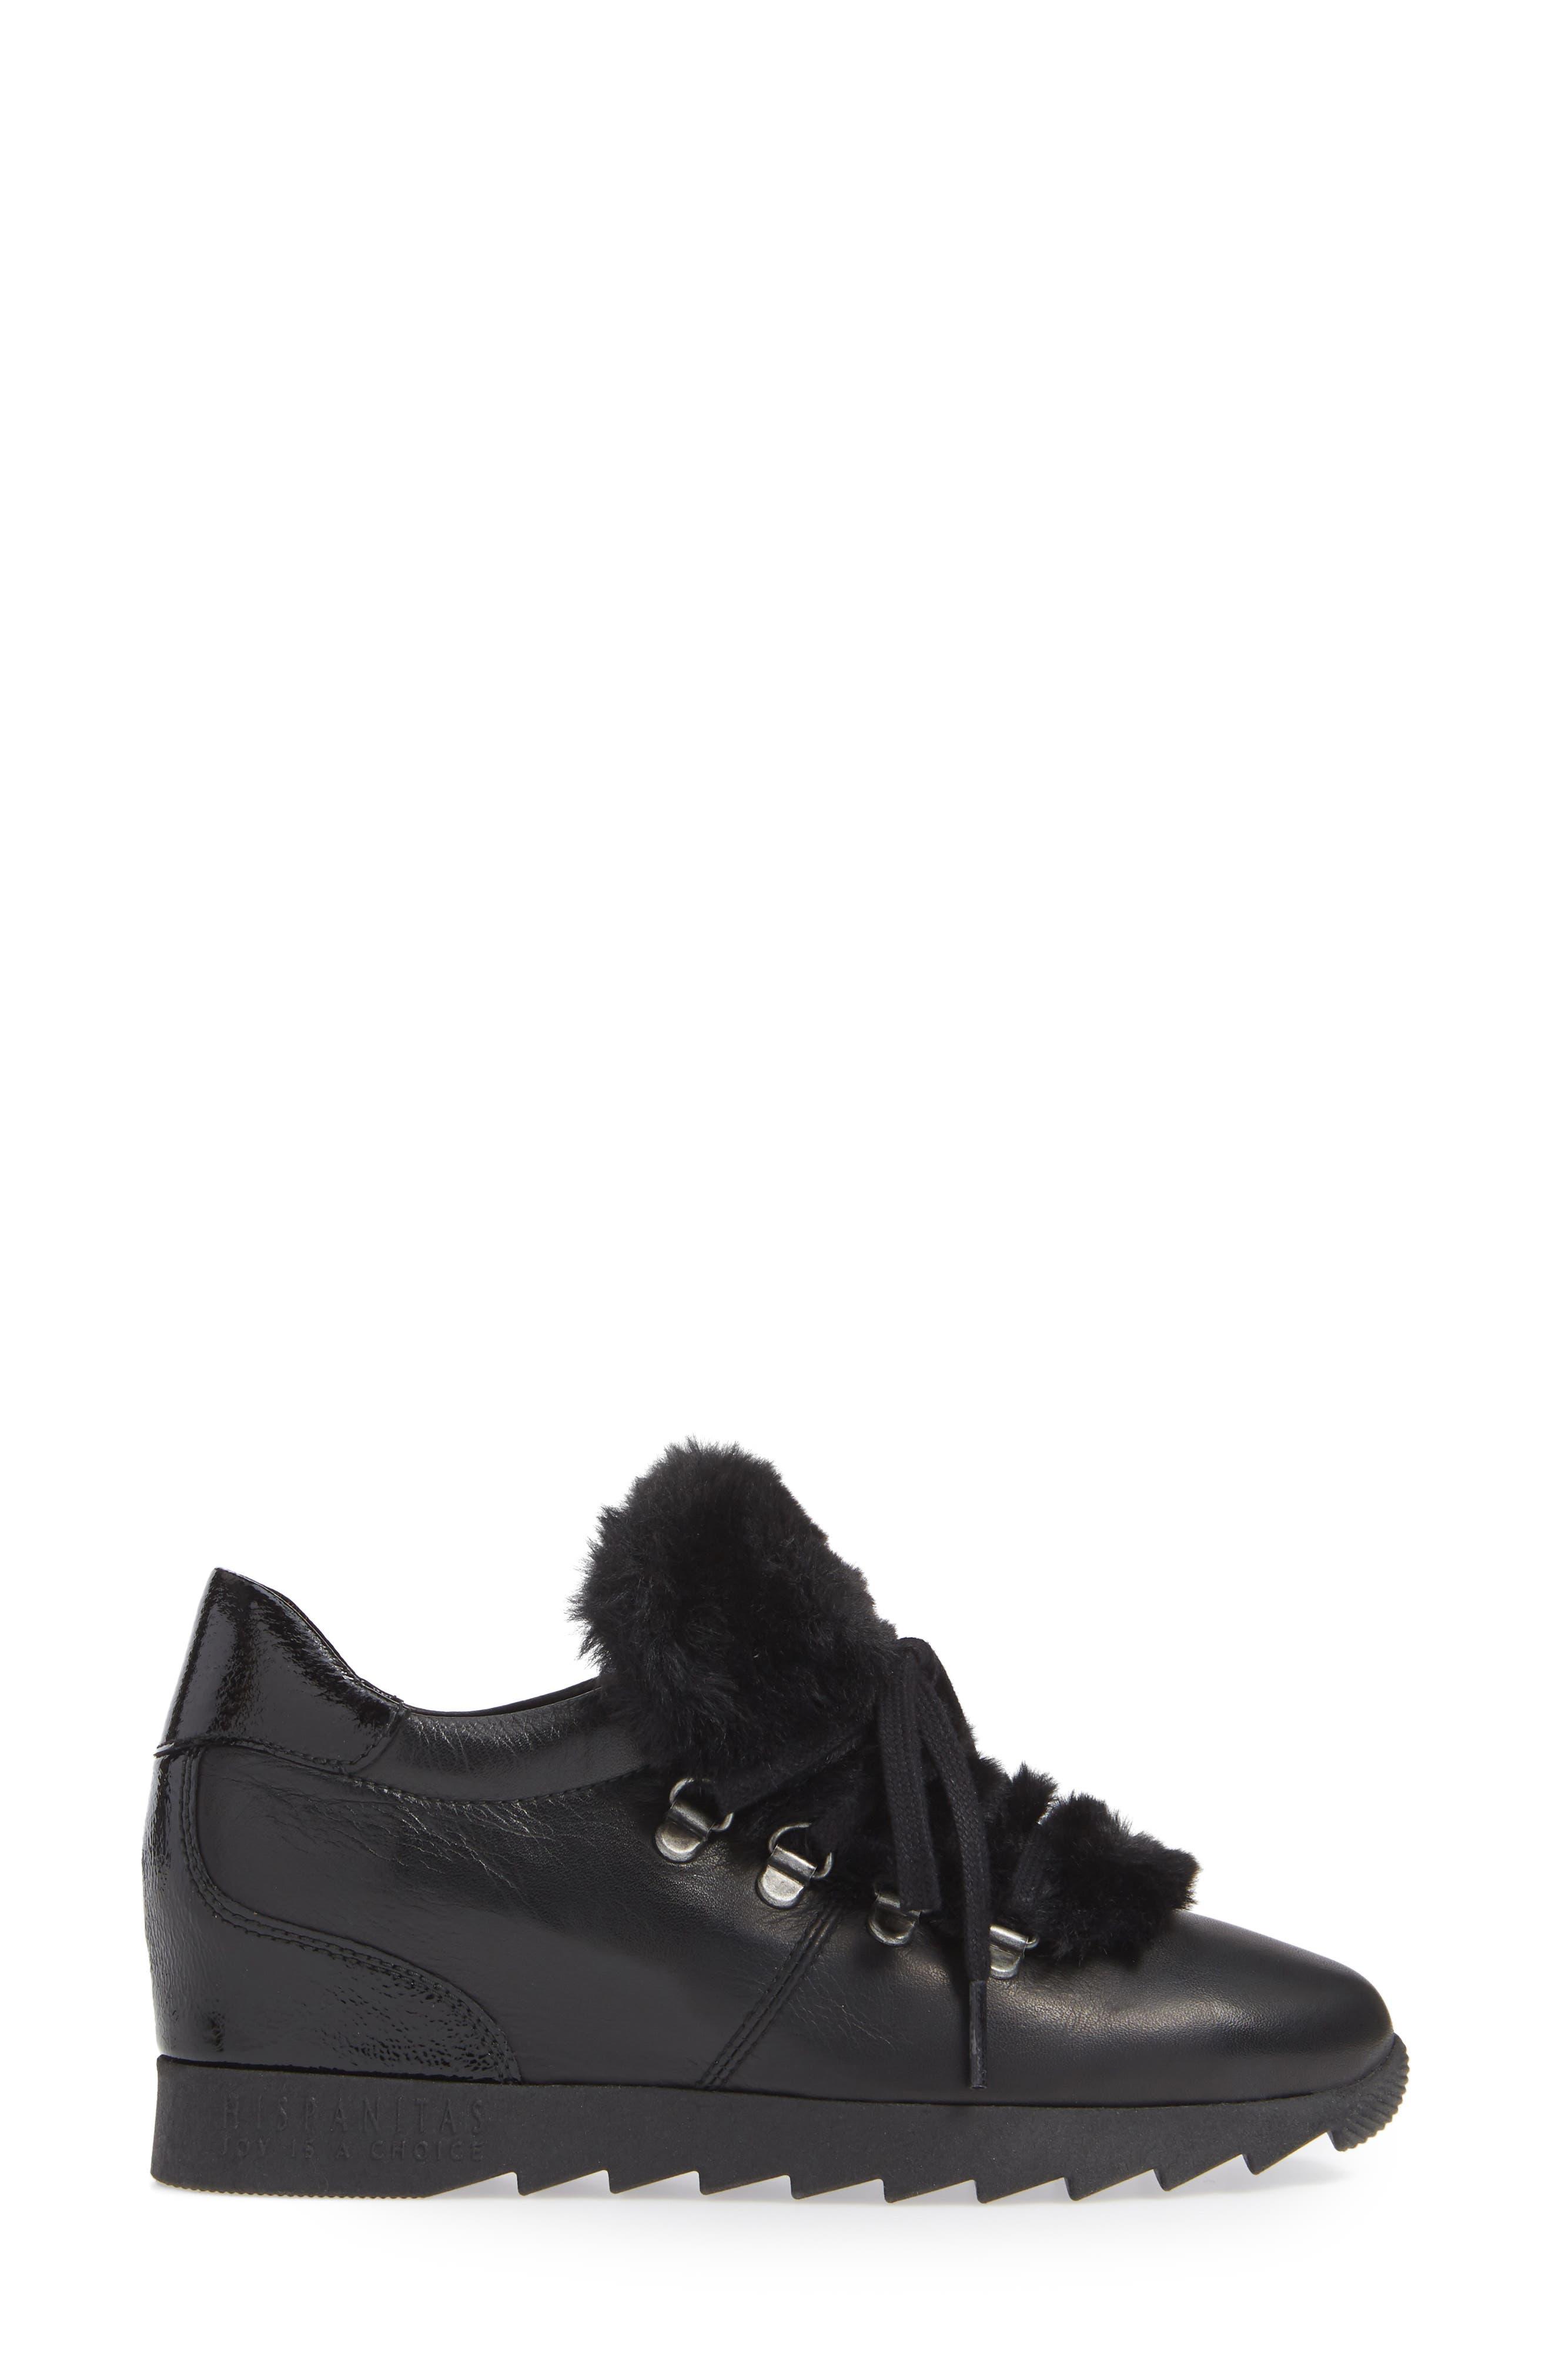 Sadara Wedge Sneaker,                             Alternate thumbnail 3, color,                             SOHO BLACK FAUX FUR